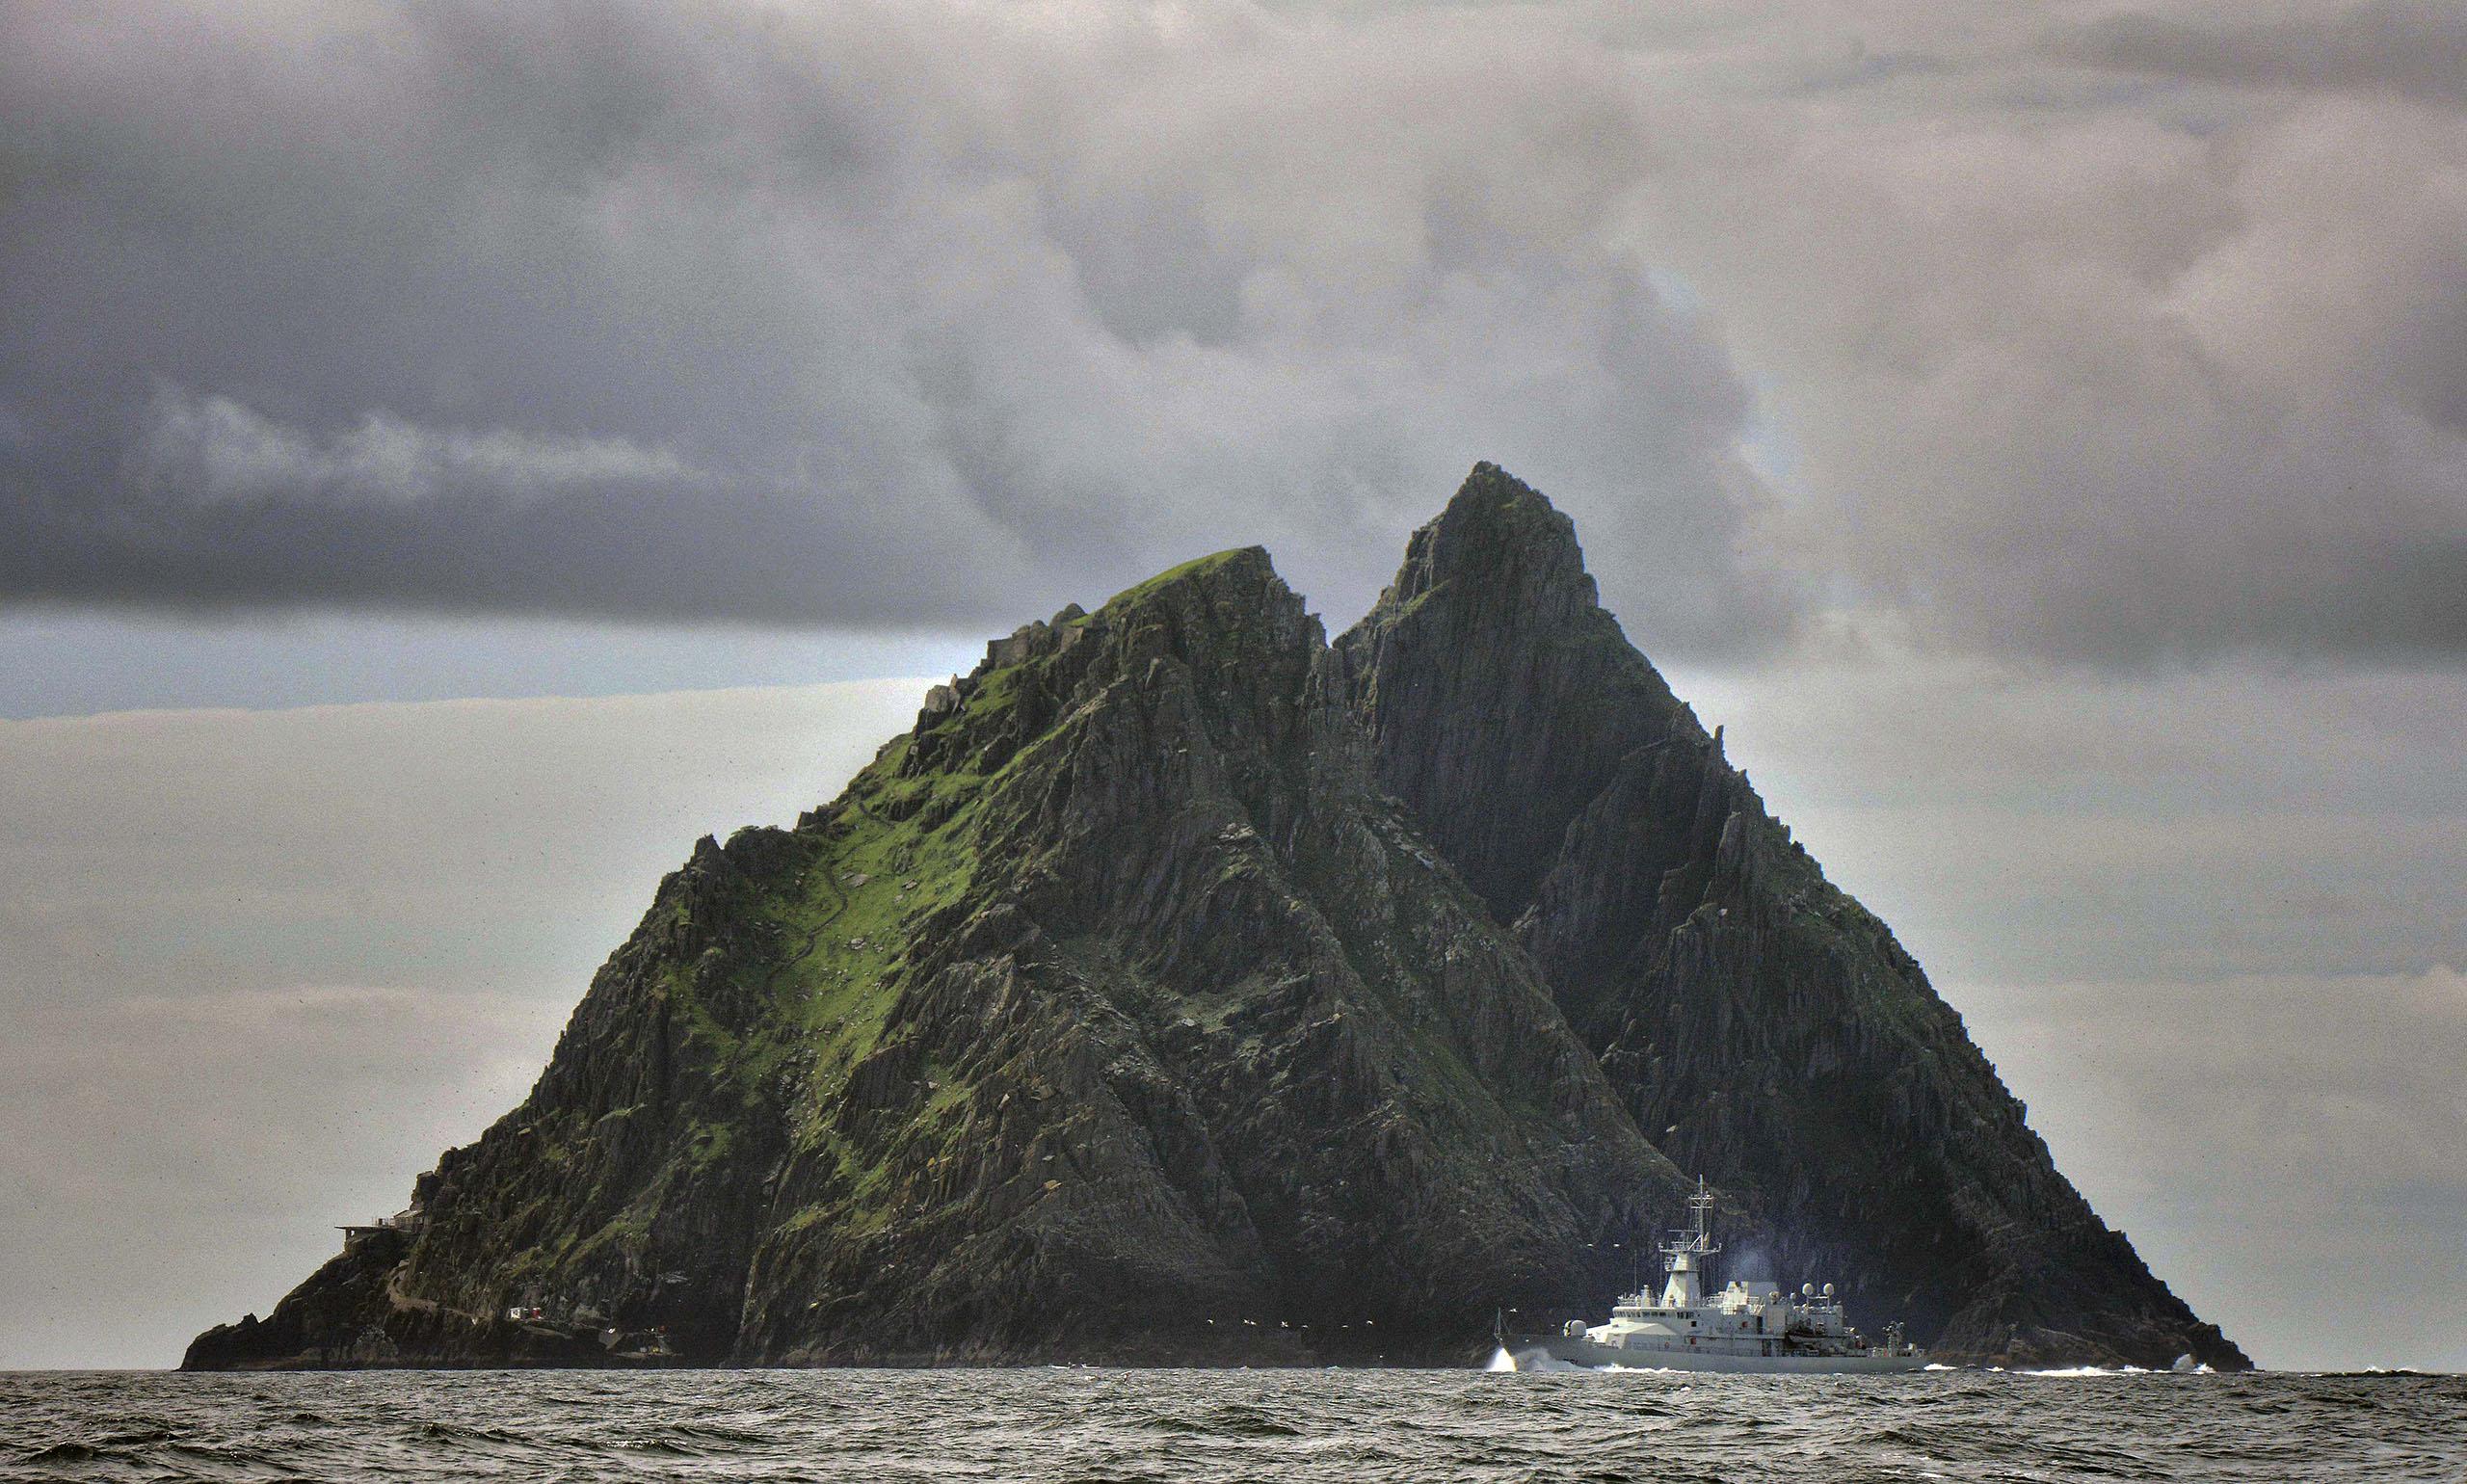 An Irish navy ship patrols around Skellig Island, Ireland, where Star Wars Episode VII was filmed, July 28, 2014.